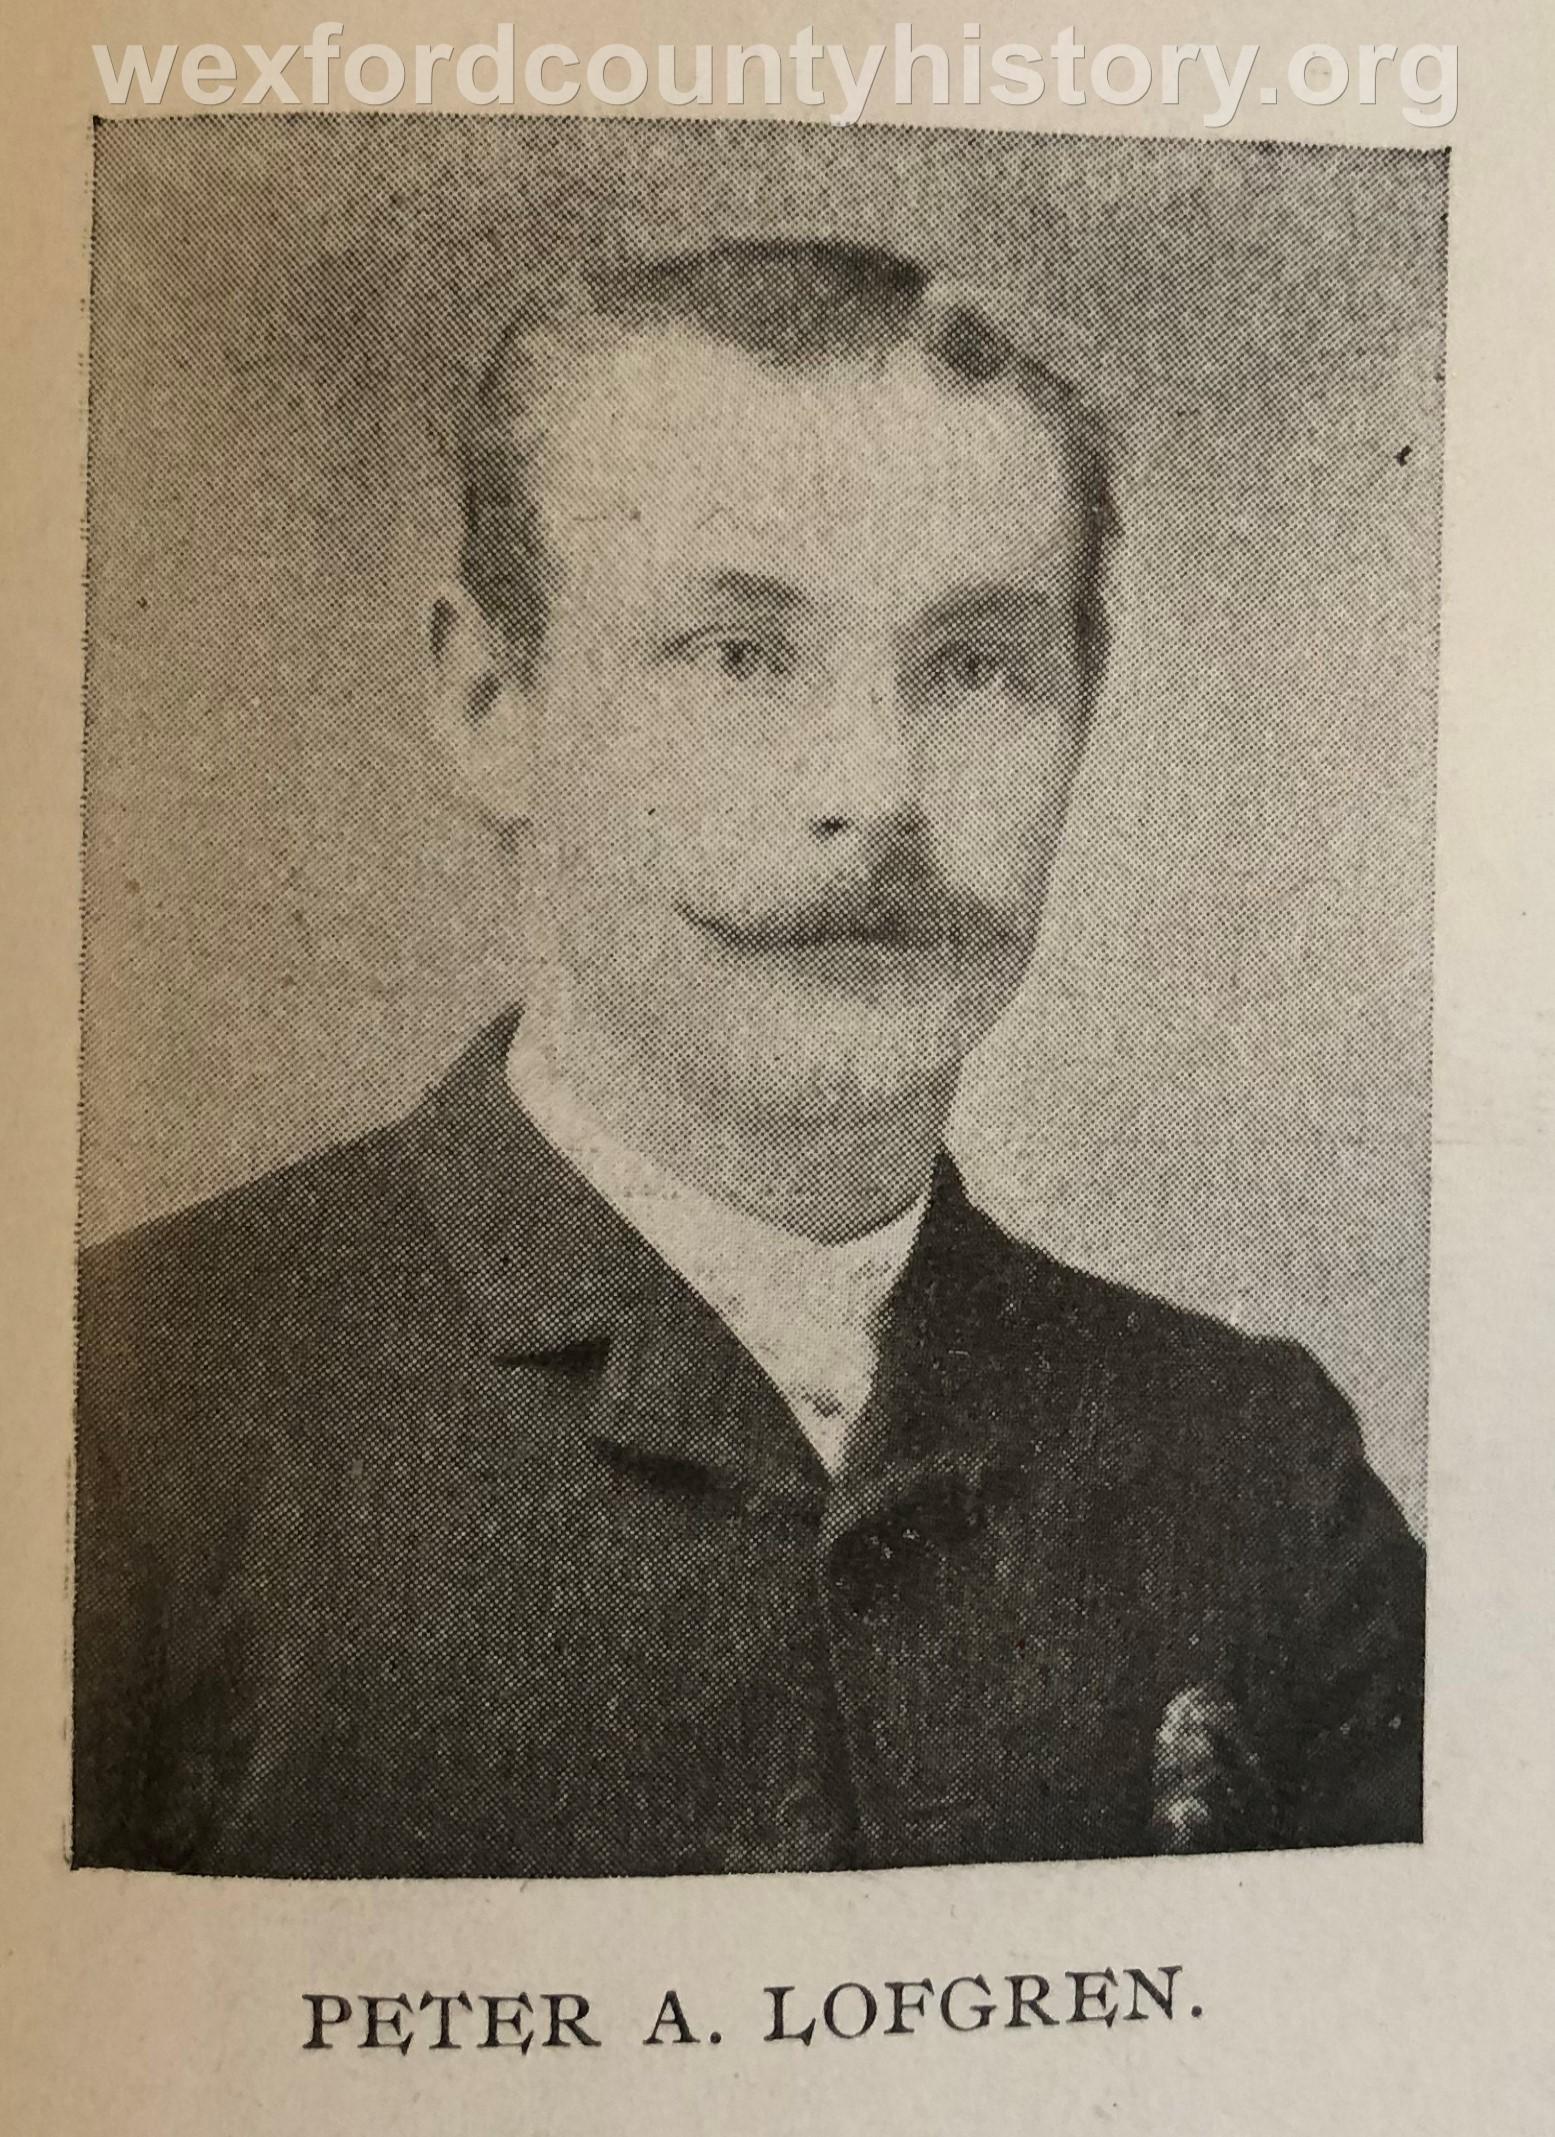 Peter A. Lofgren